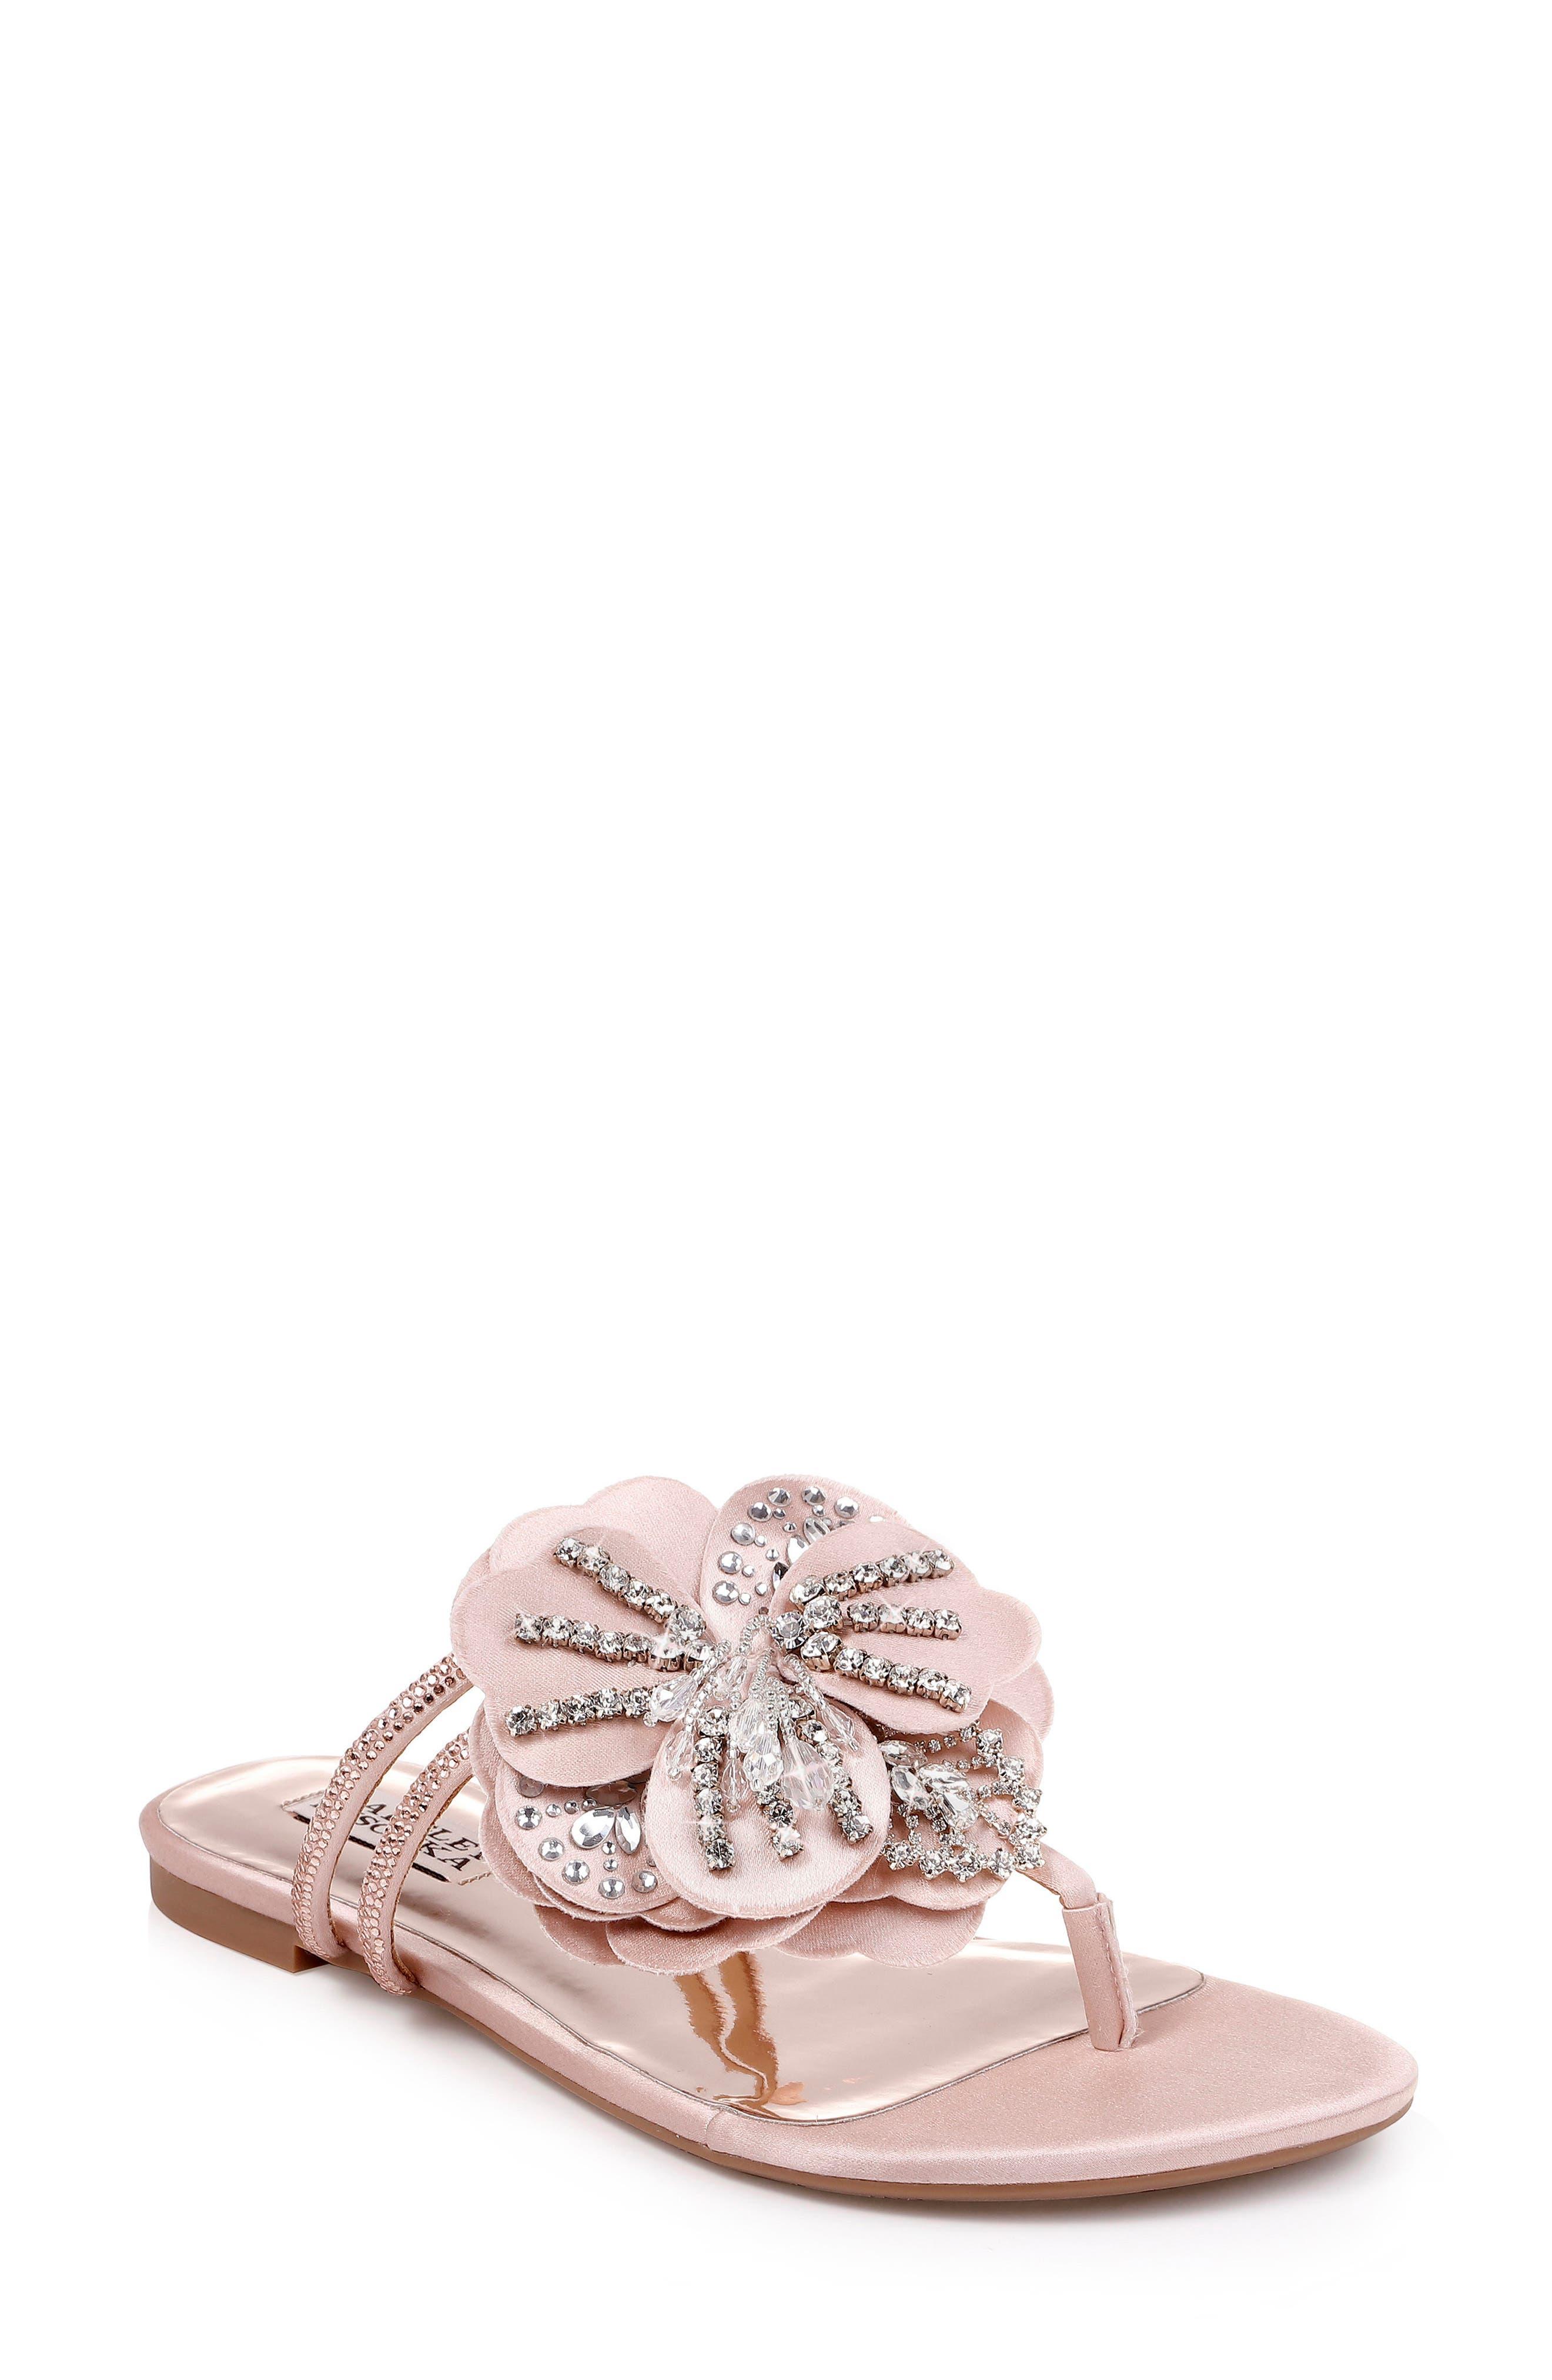 Badgley Mischka Laurie Embellished Slide Sandal, Main, color, SOFT BLUSH SATIN